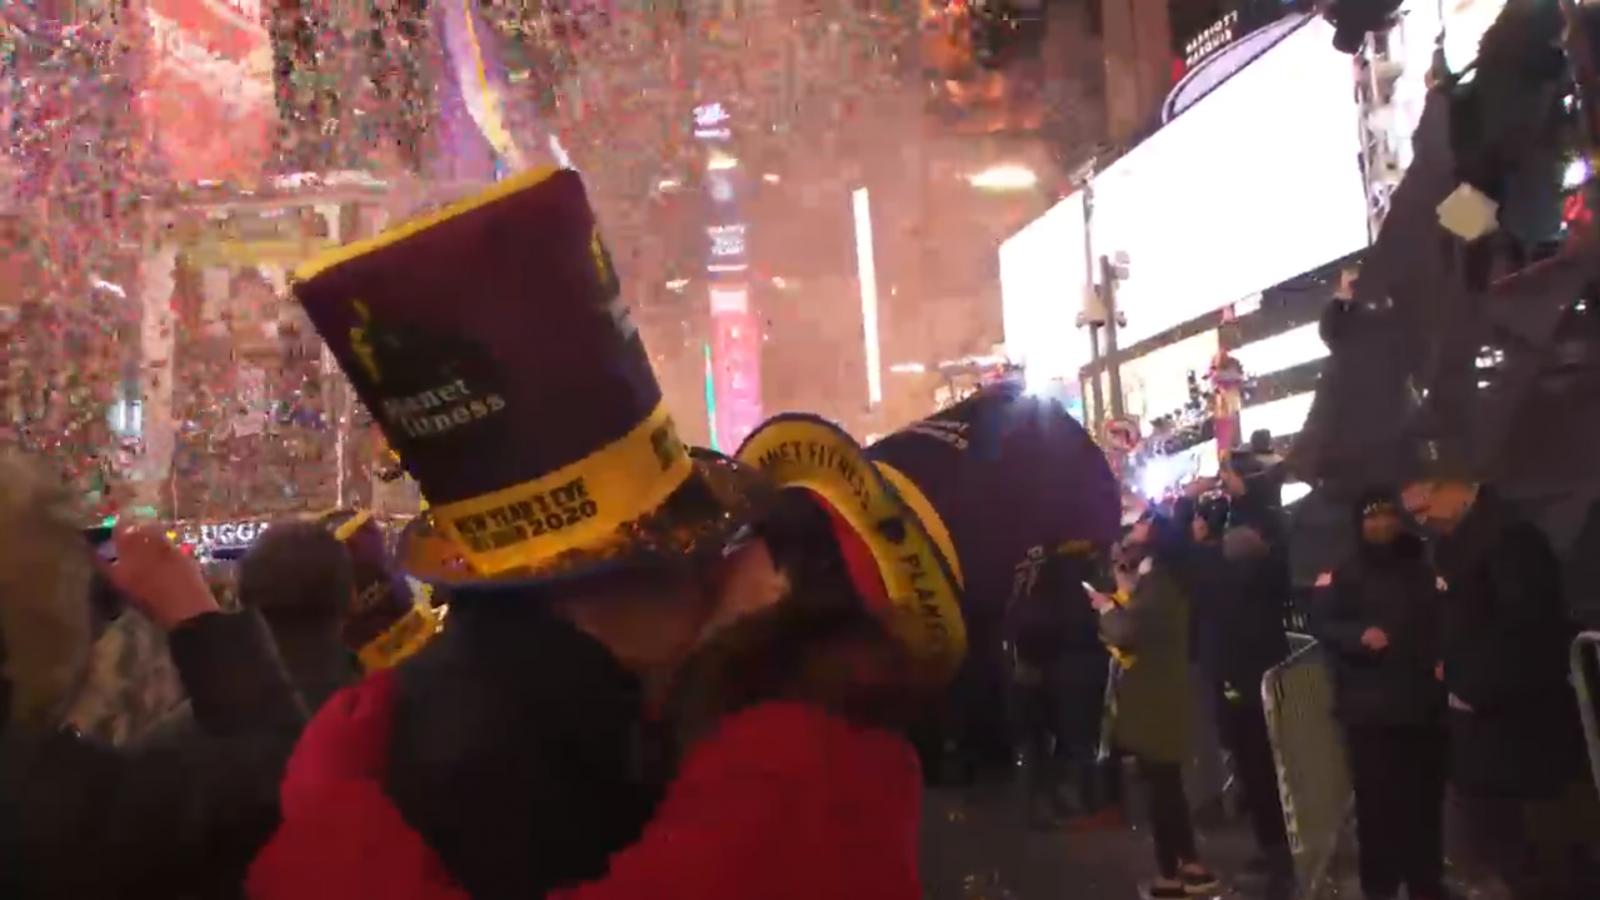 บรรยากาศ นิวยอร์ก นับถอยหลังเข้าสู่ปี 2020 ที่จัตุรัสไทม์สแควร์